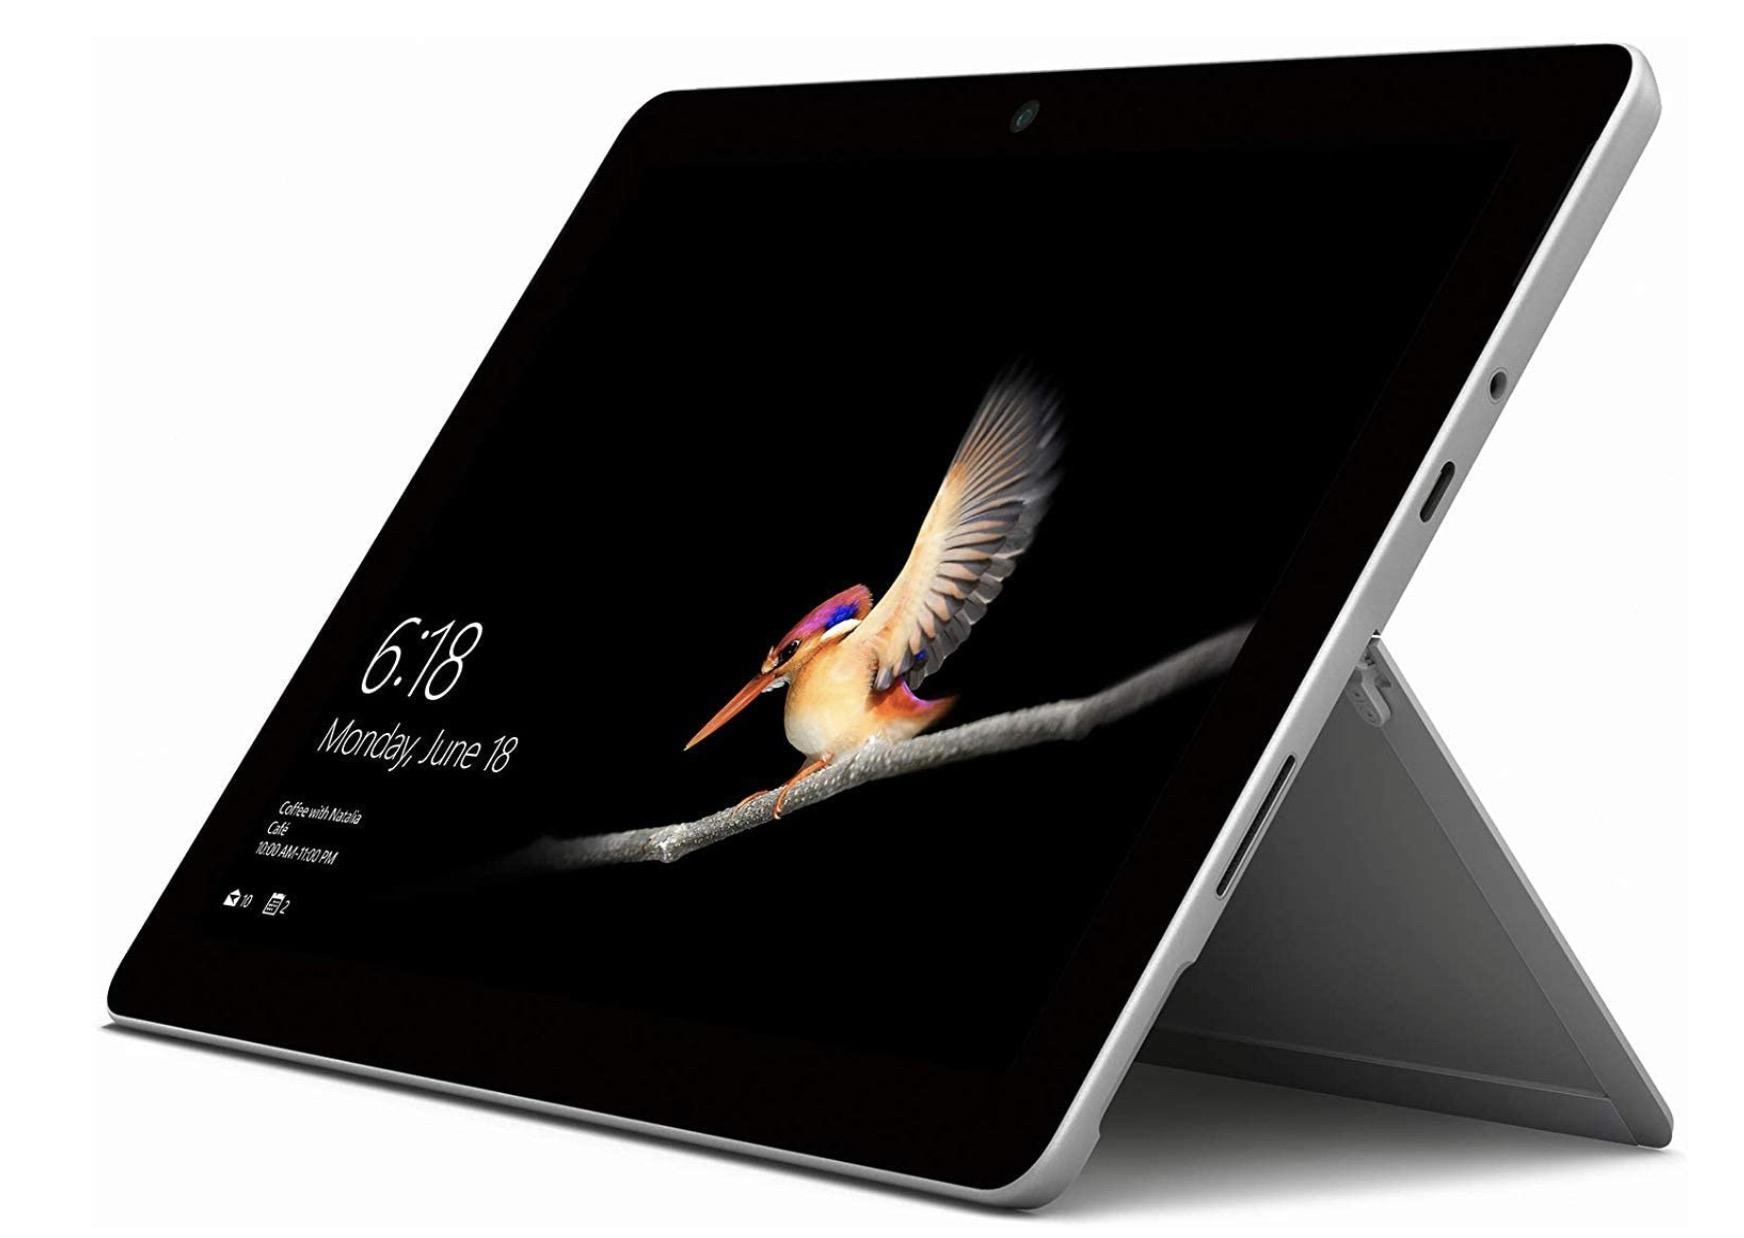 Code promo Amazon : Jusqu'à 31% de remise sur les ordinateurs Microsoft Surface pendant les French Days